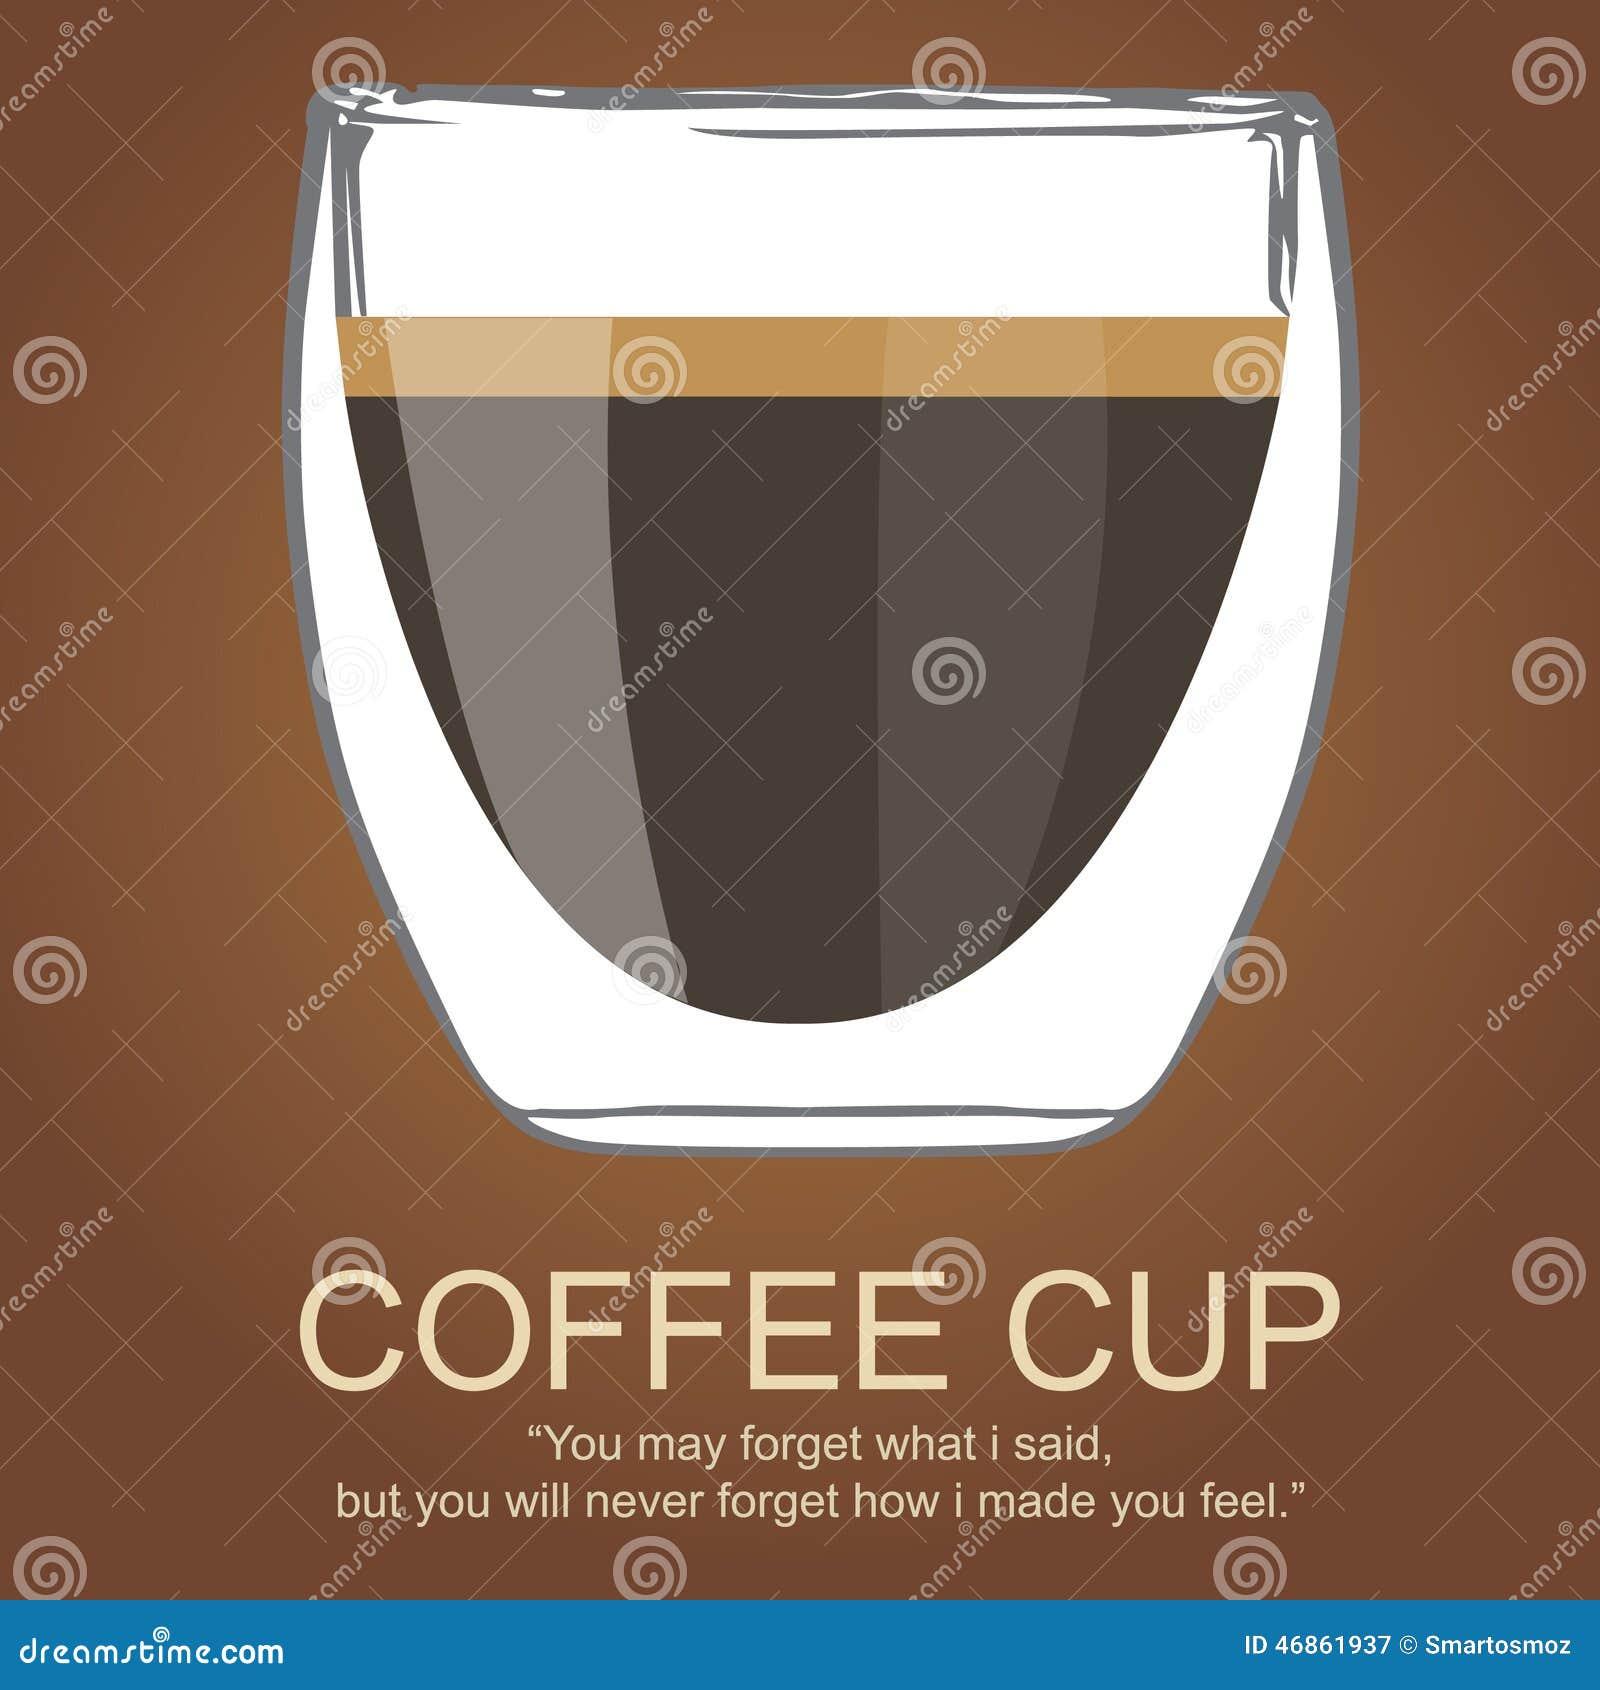 Coffee Brands, Poster Design, Vector Cartoon Vector